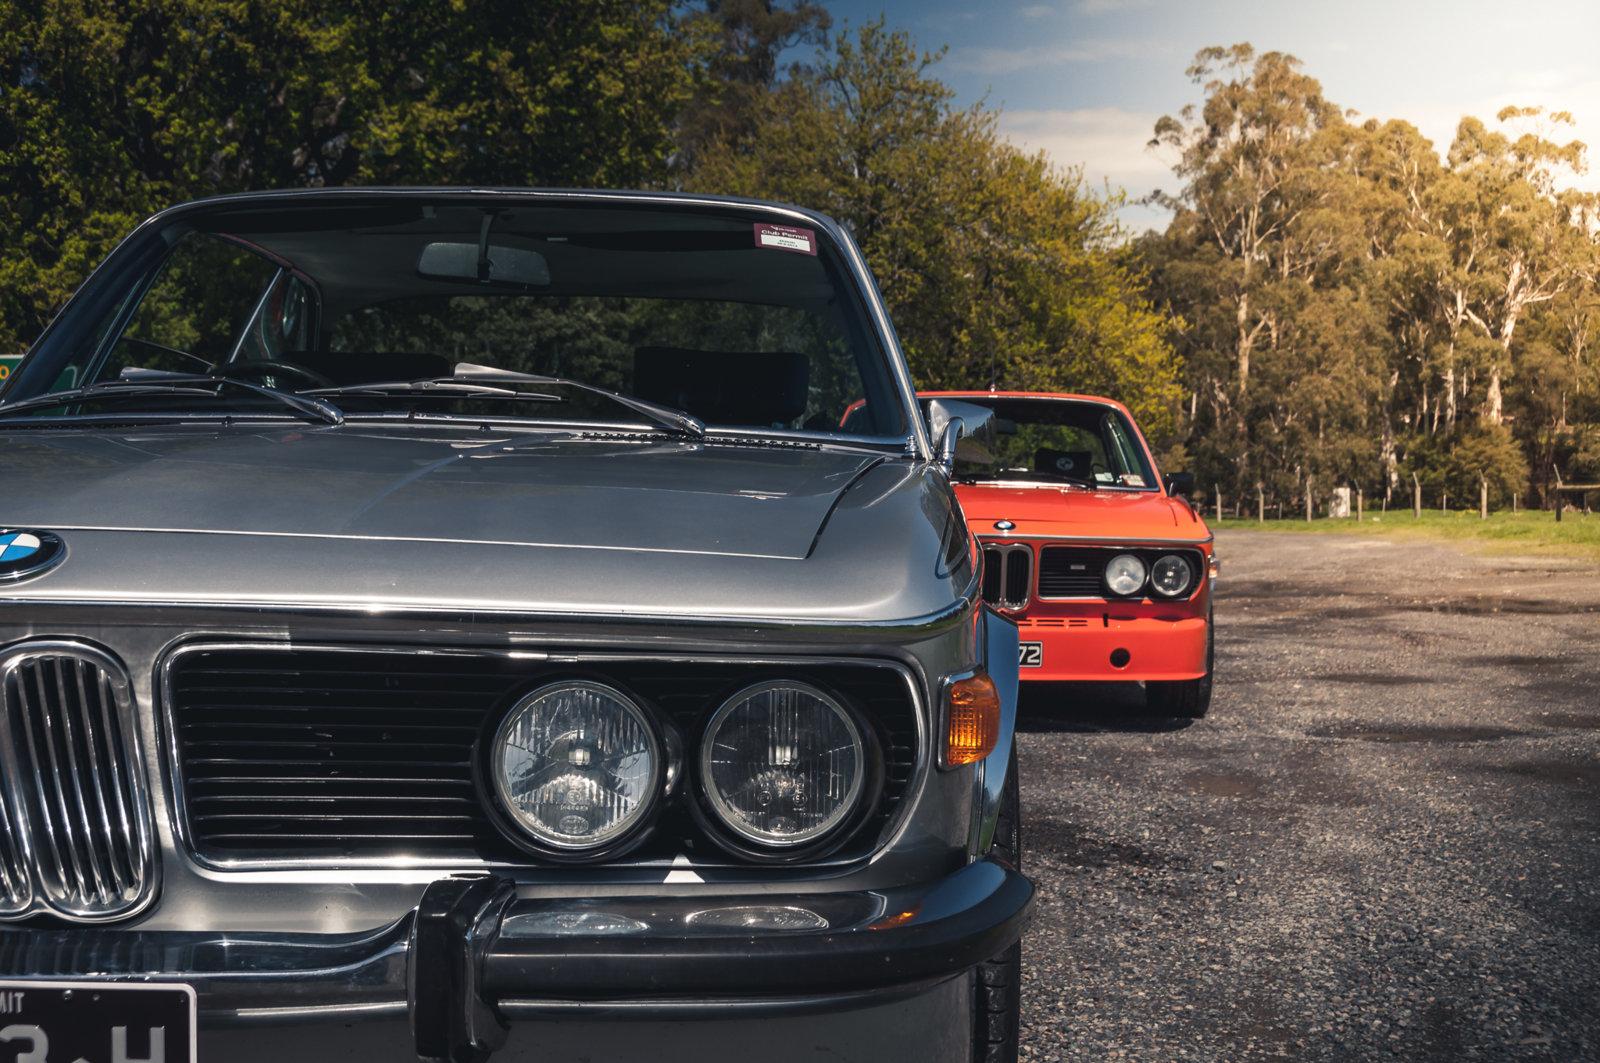 1621980522414_BMWDrive-23.jpg